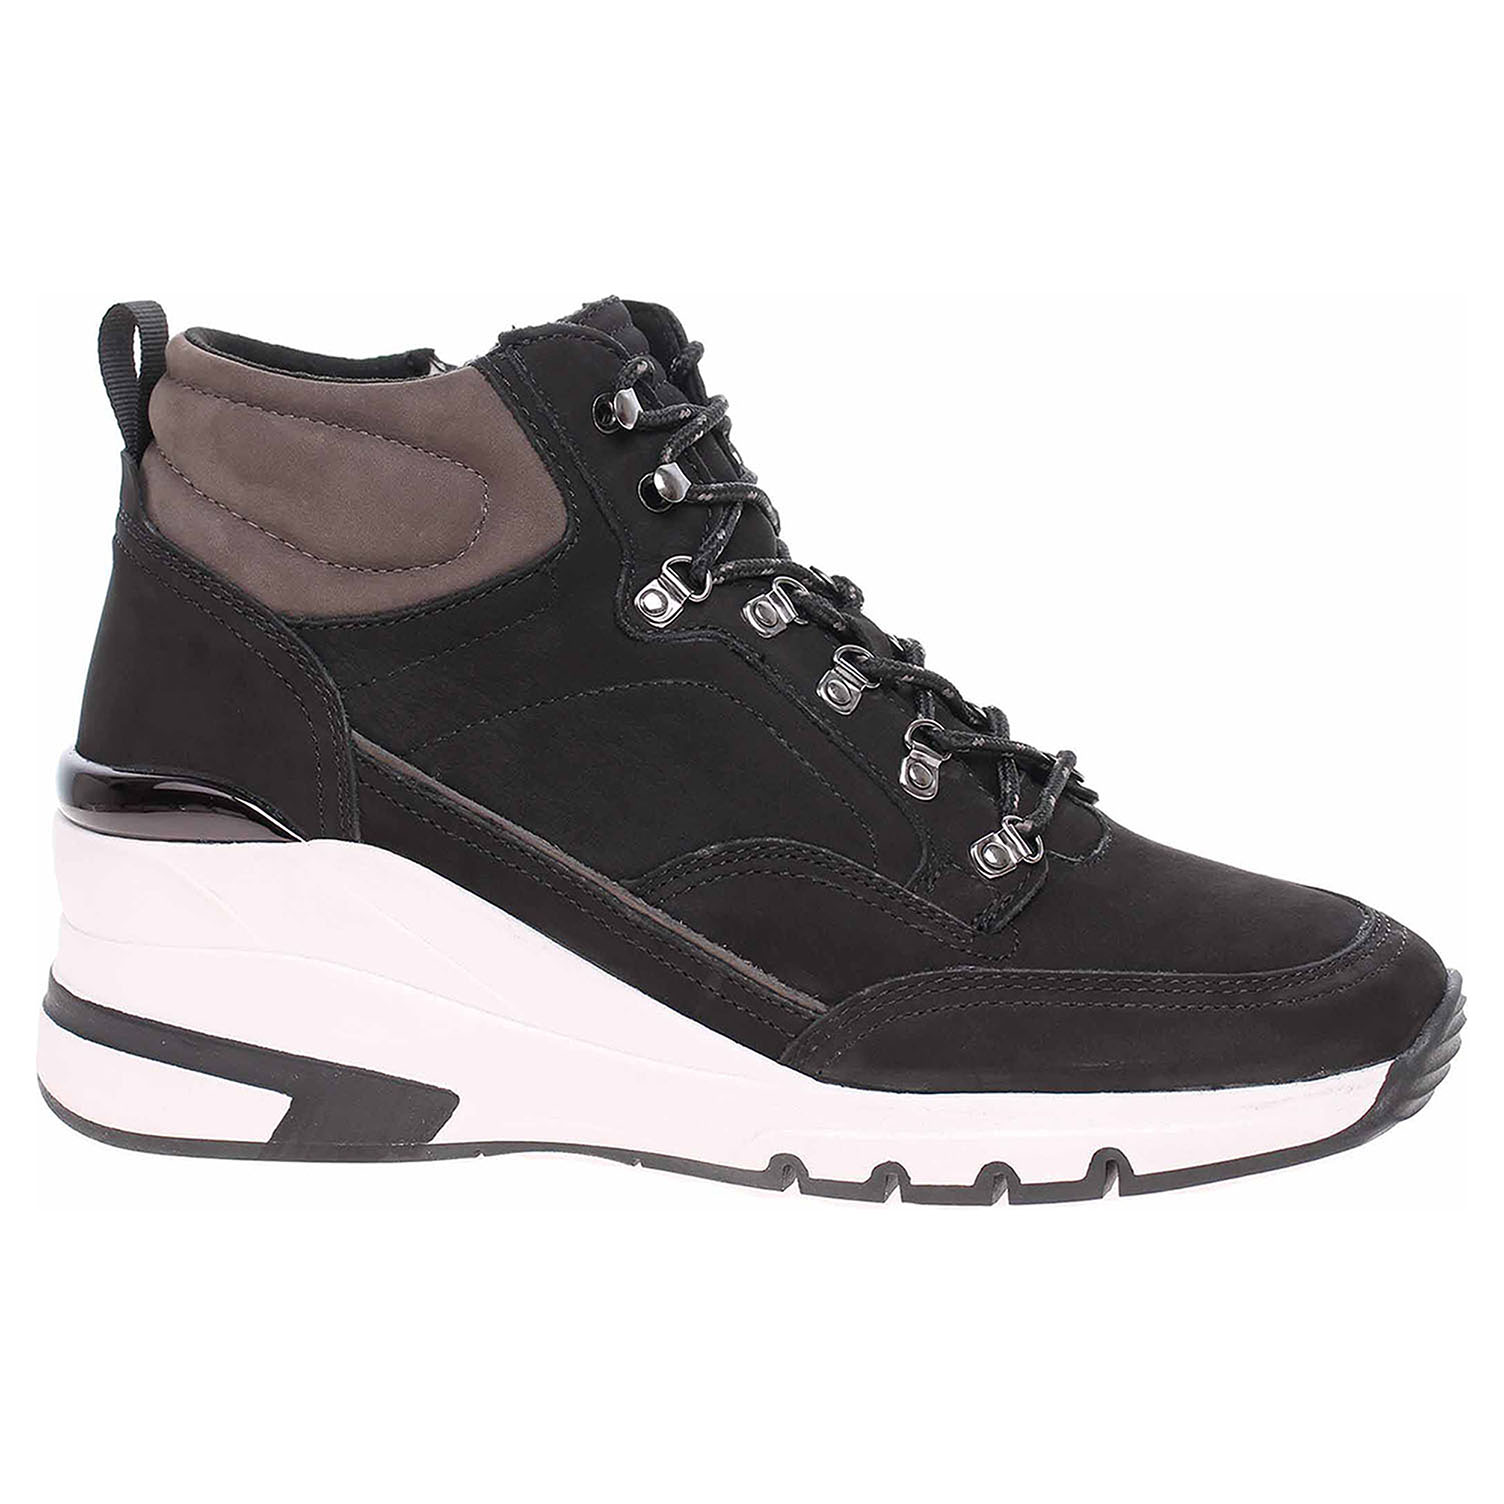 Dámská kotníková obuv Caprice 9-25222-25 black-grey 9-9-25222-25 027 39